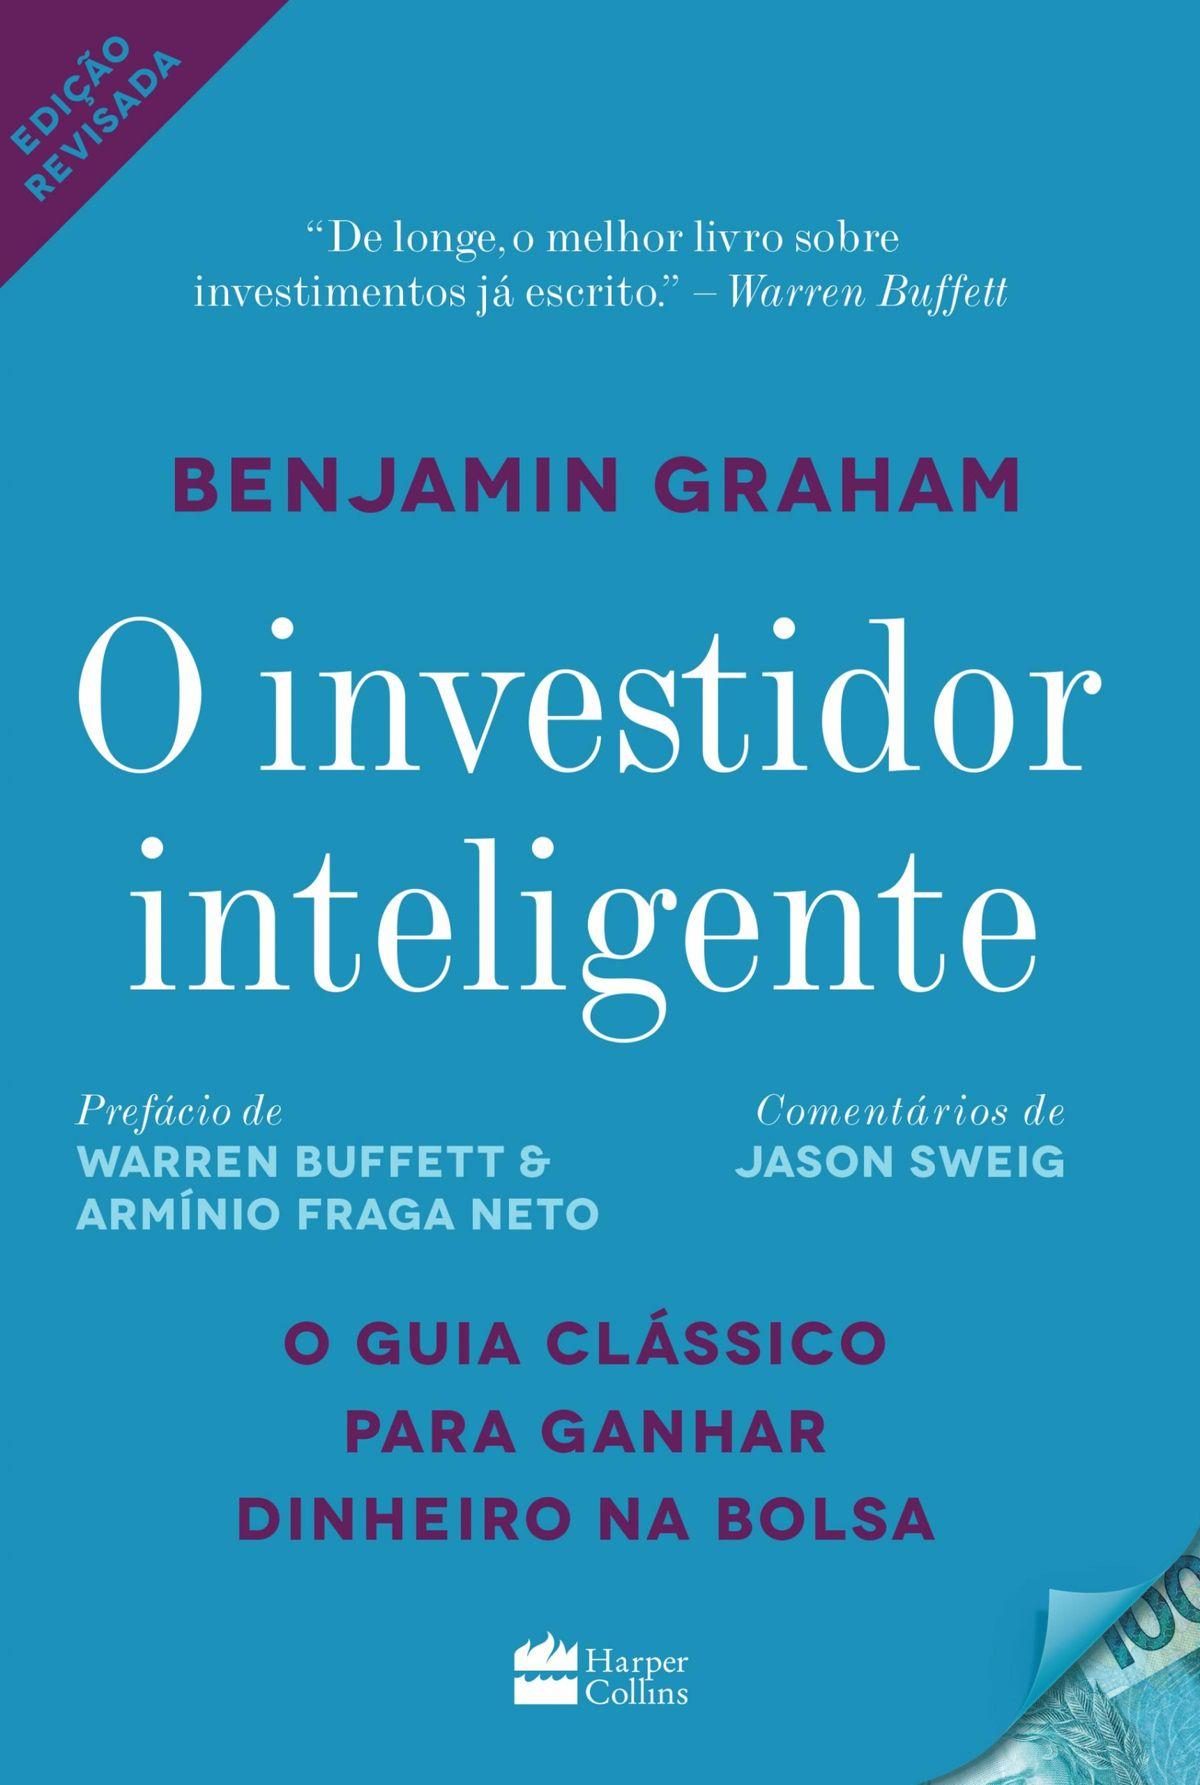 Livros sobre empreendedorismo - O investidor inteligente